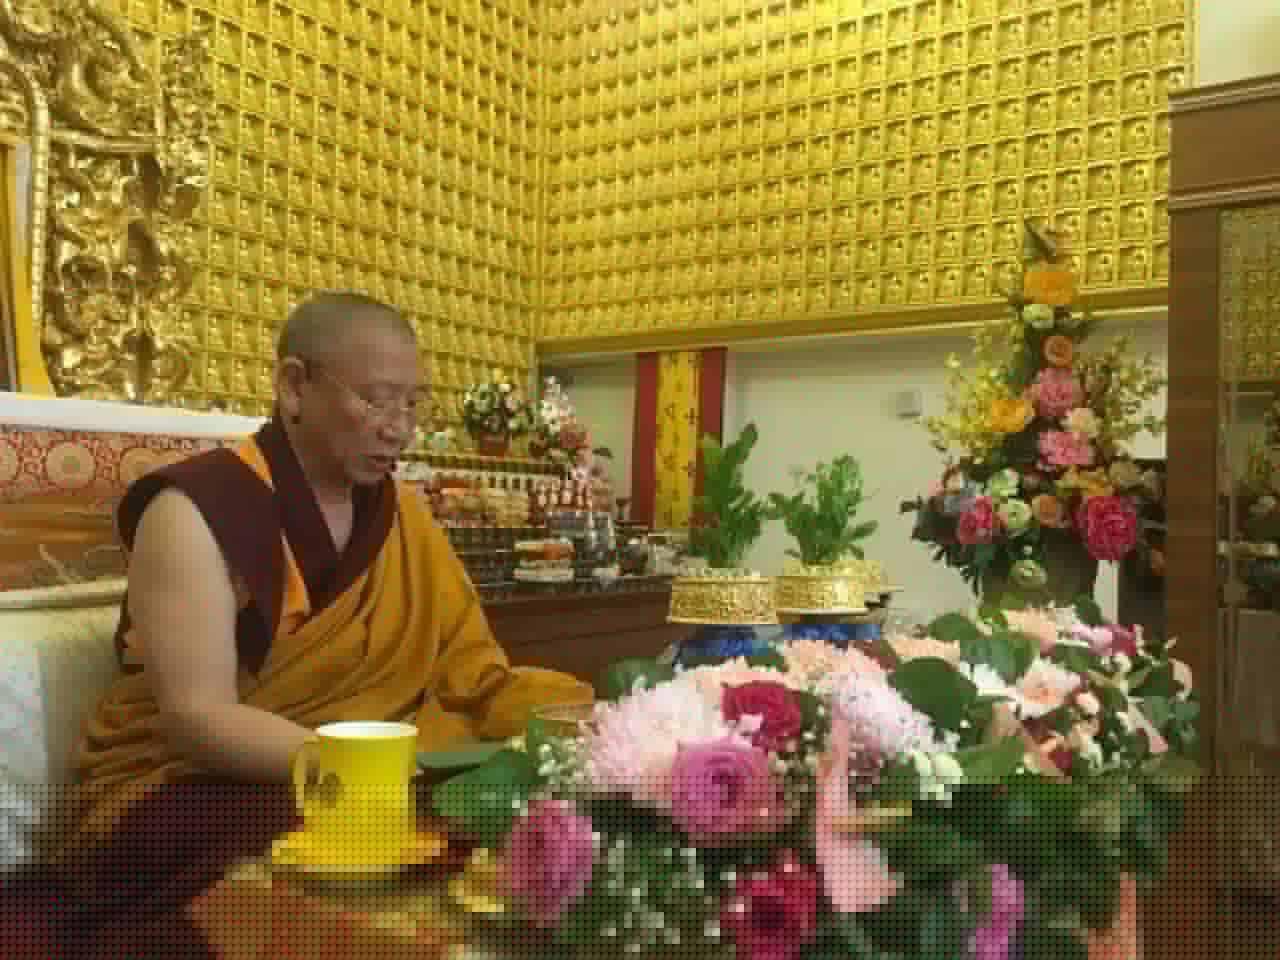 gosok-rinpoche-2016-07-f4a8ab1ef4b42a603fb0cdf704fafdd